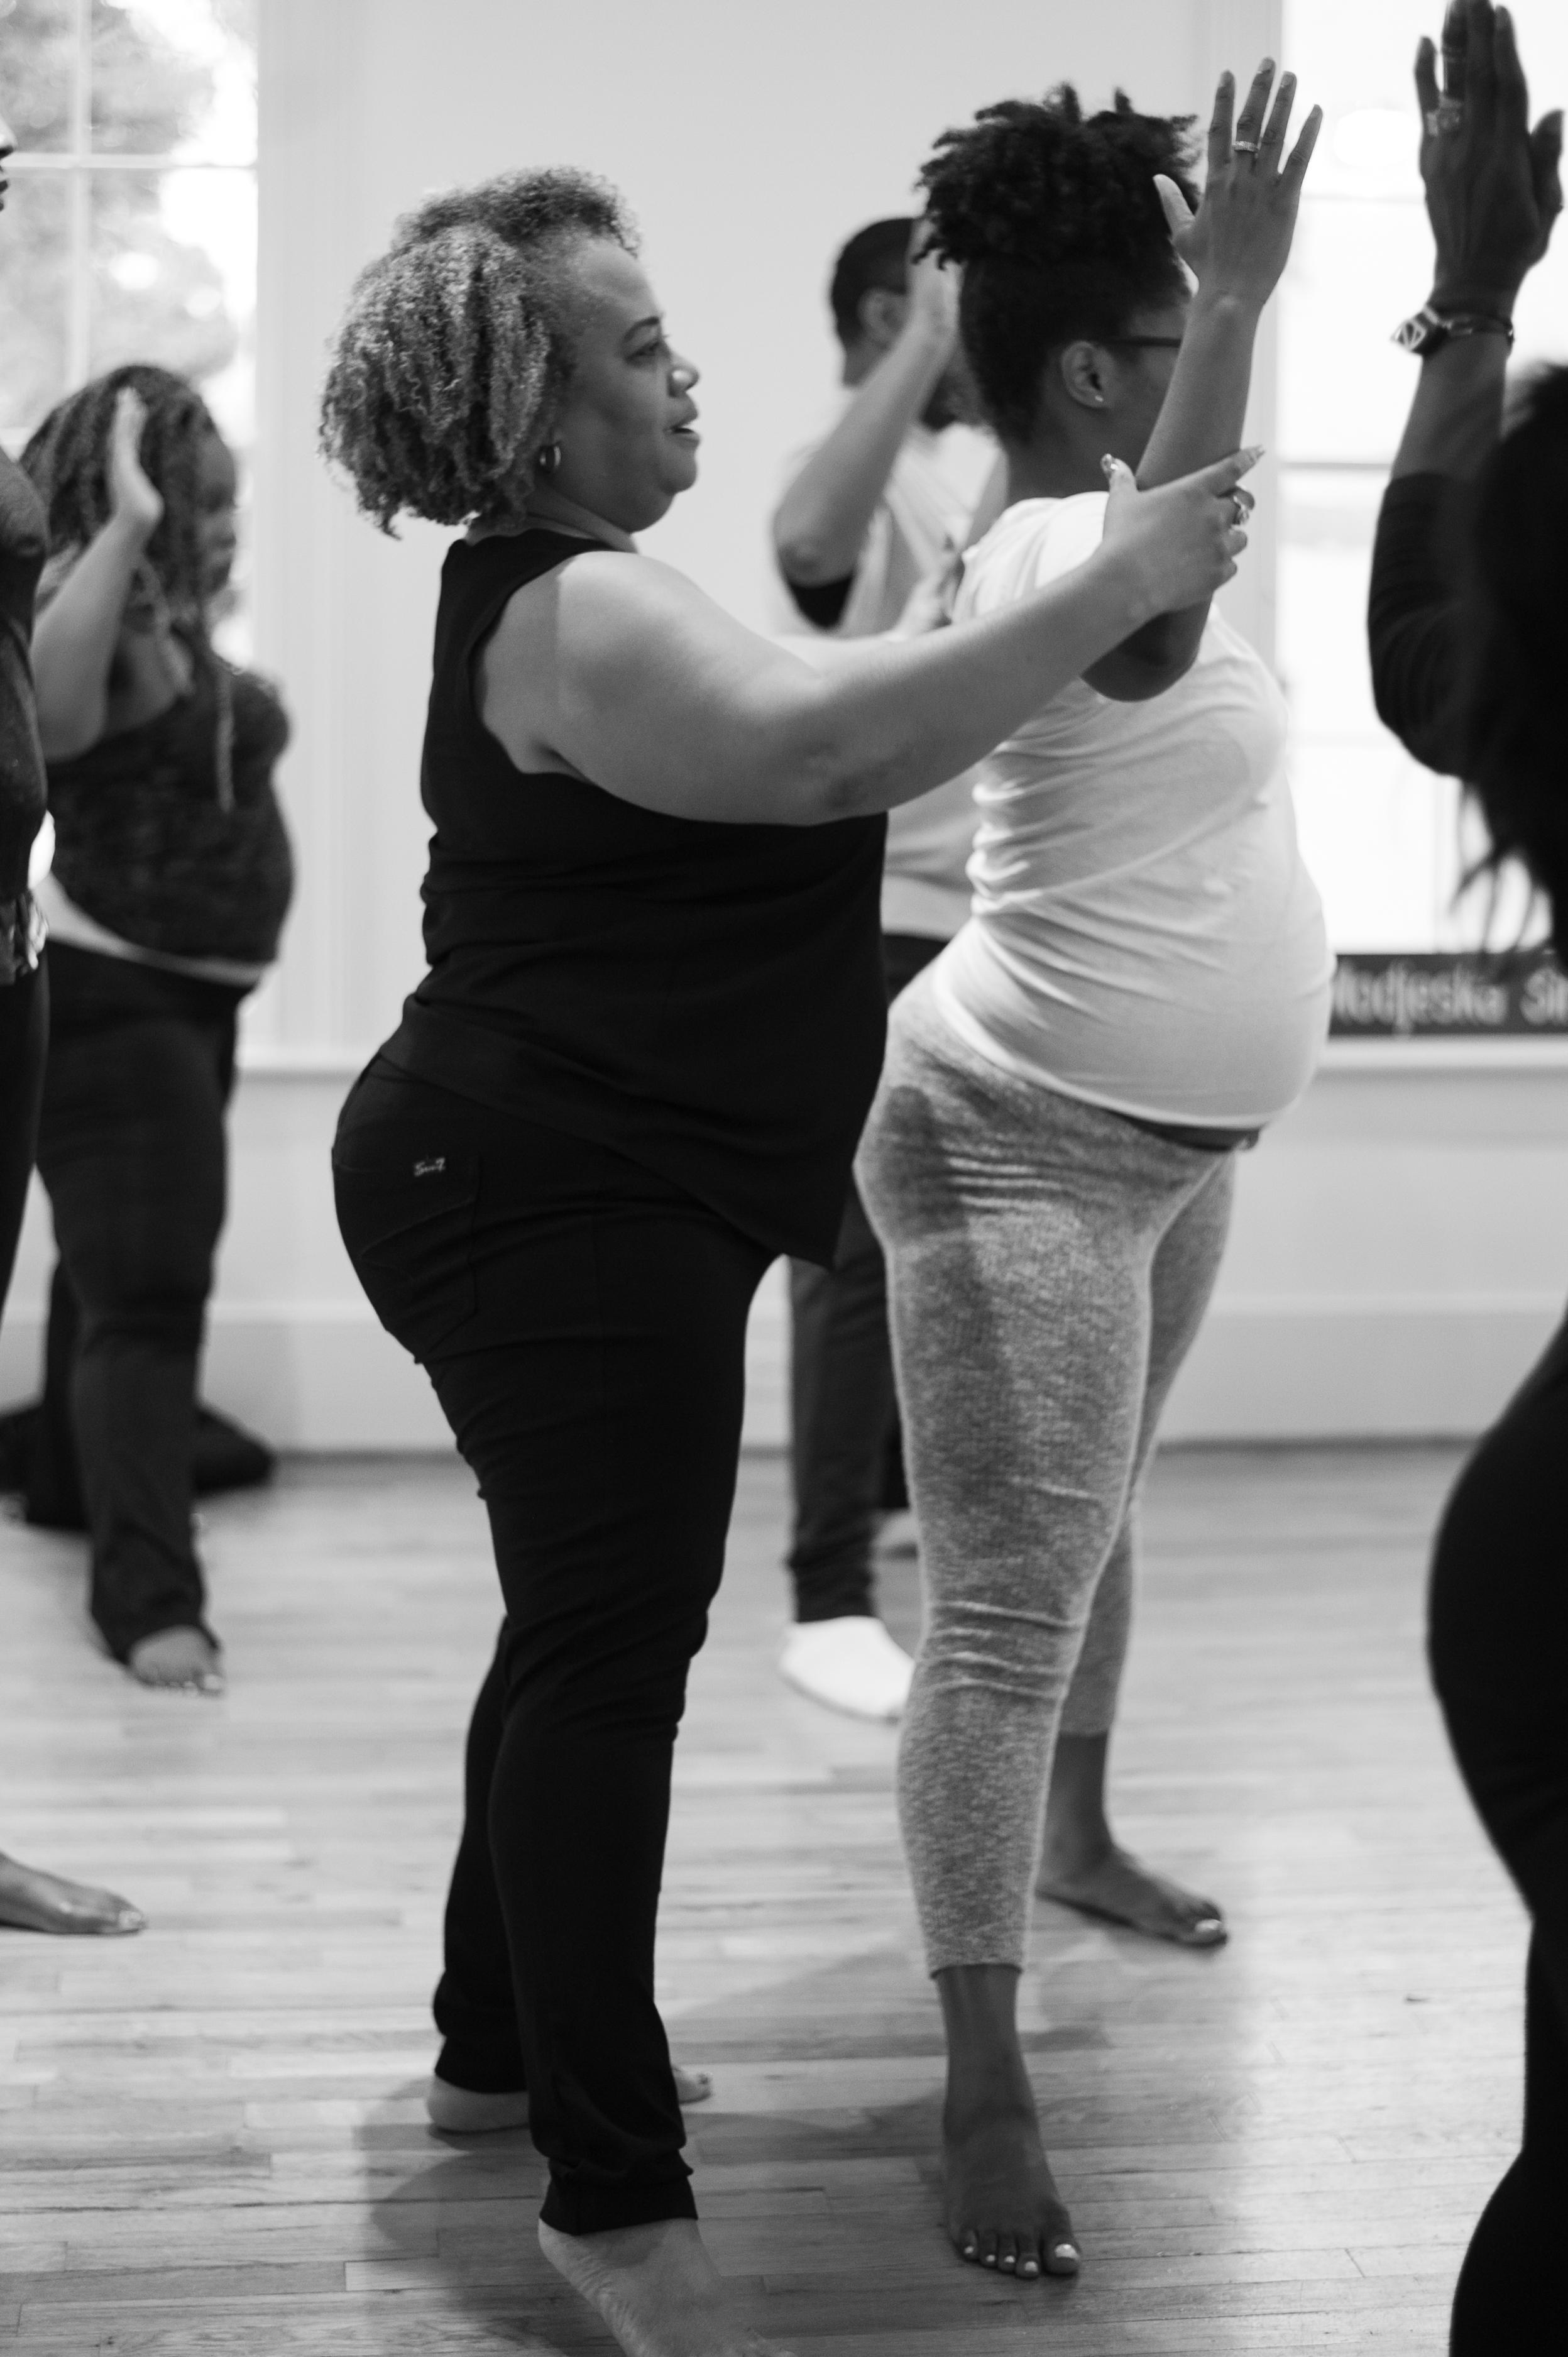 kemetic yoga 8-20-19-18.jpg